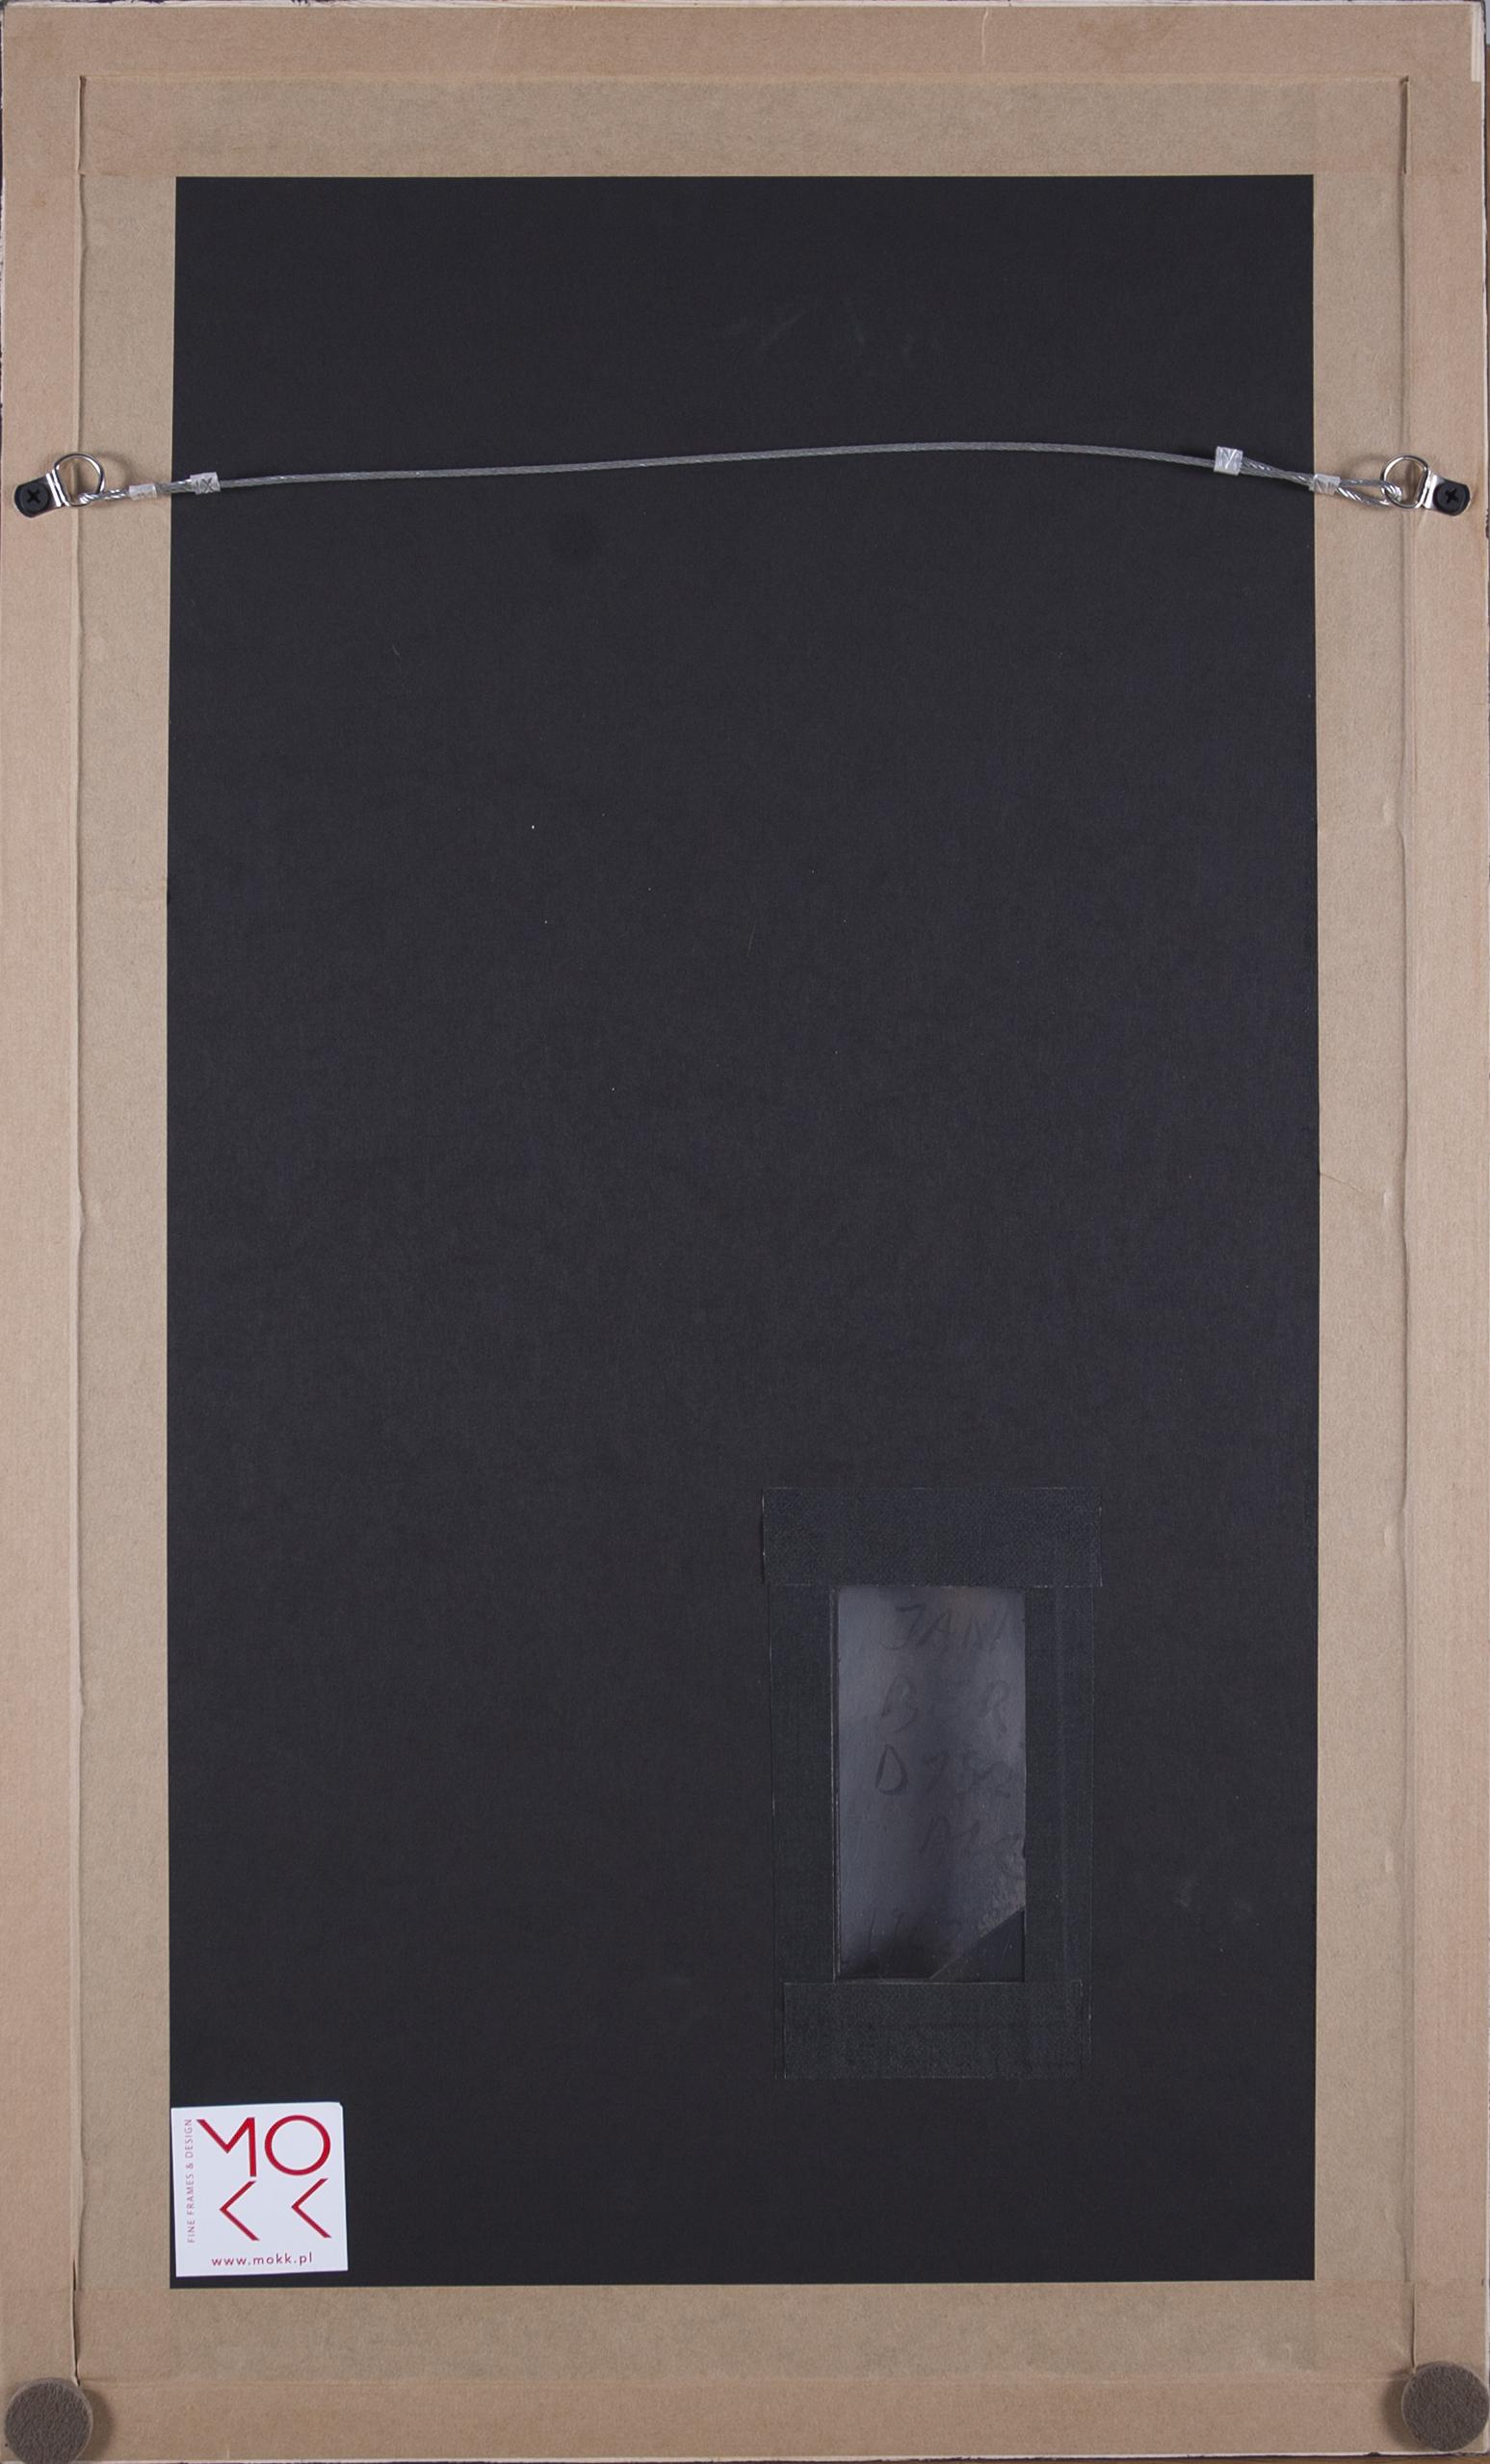 Berdyszak Jan (1934-2014), Kompozycja kół, 1962